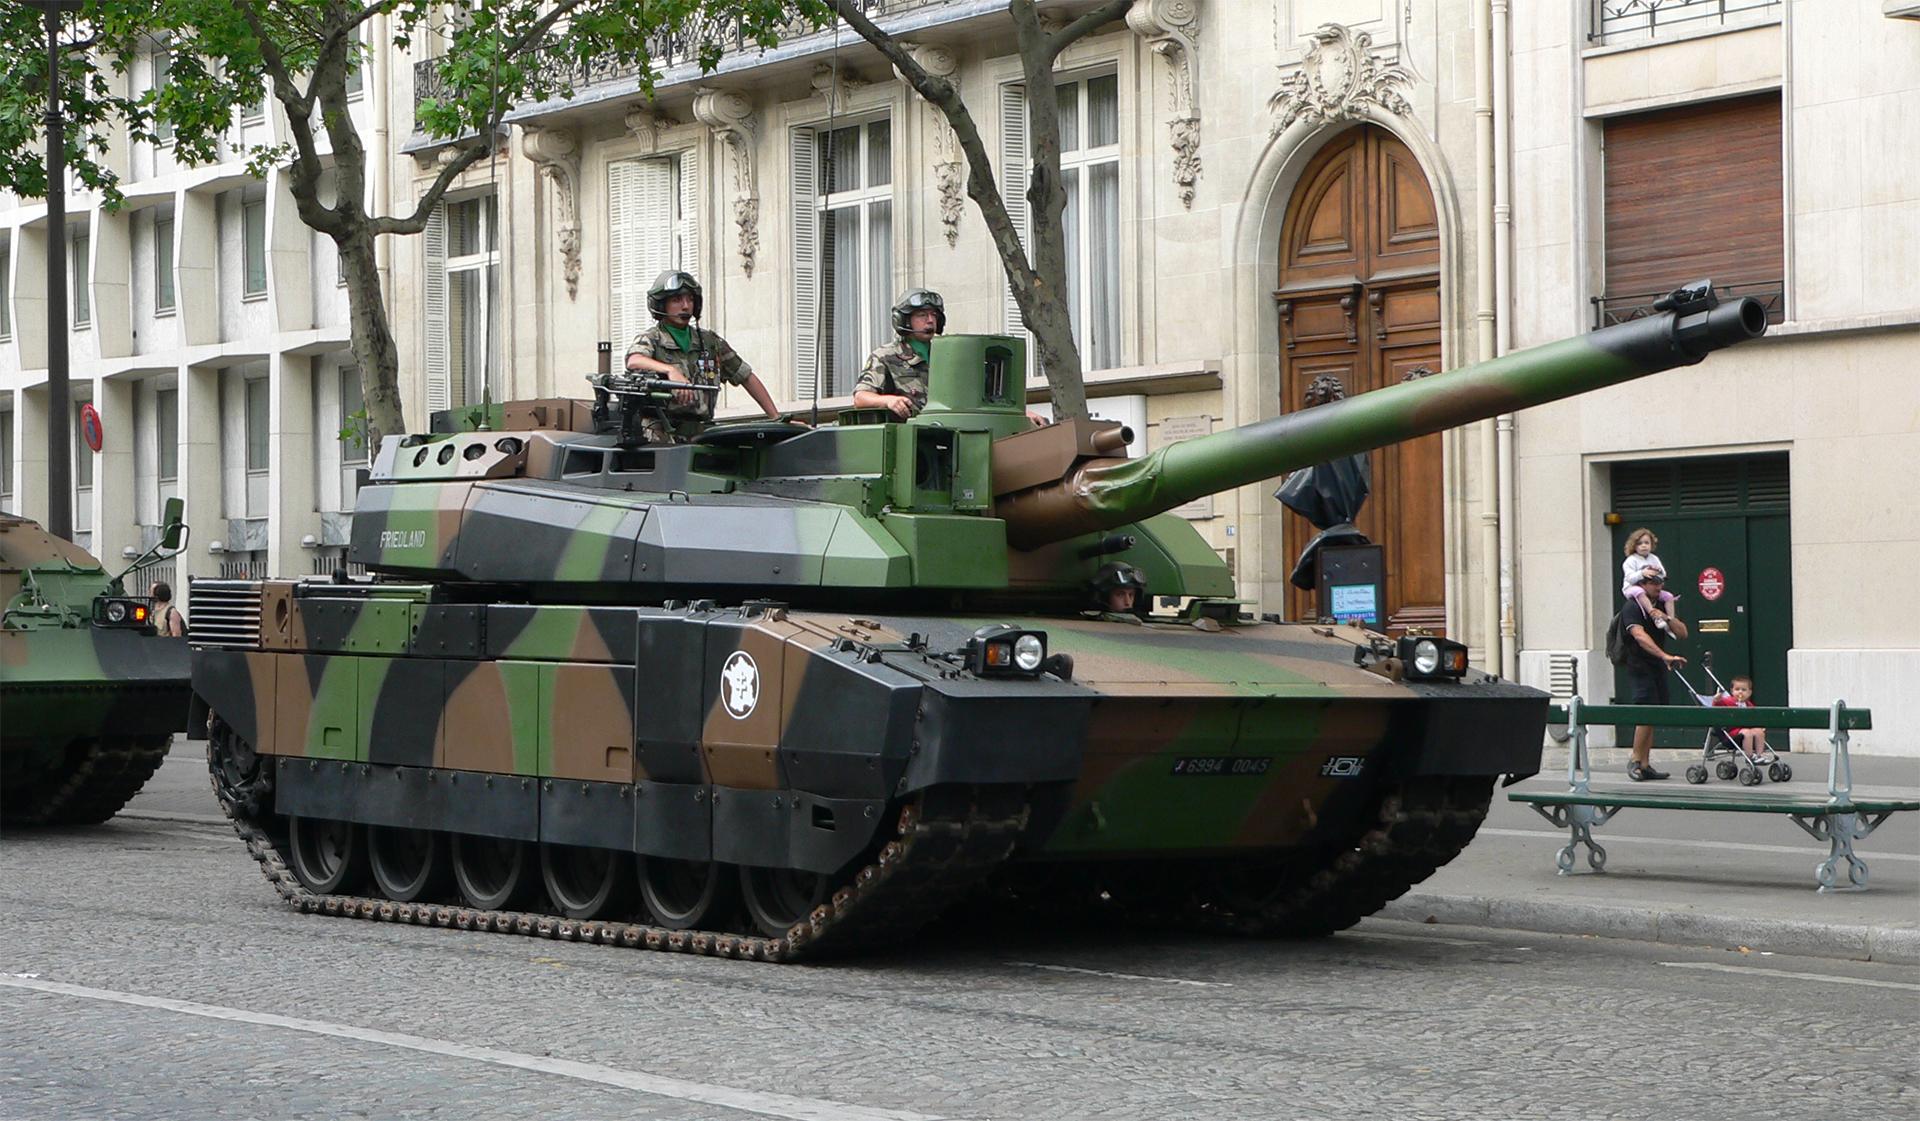 https://modernweapon.ru/images/tanks/Leclerc_2.jpg